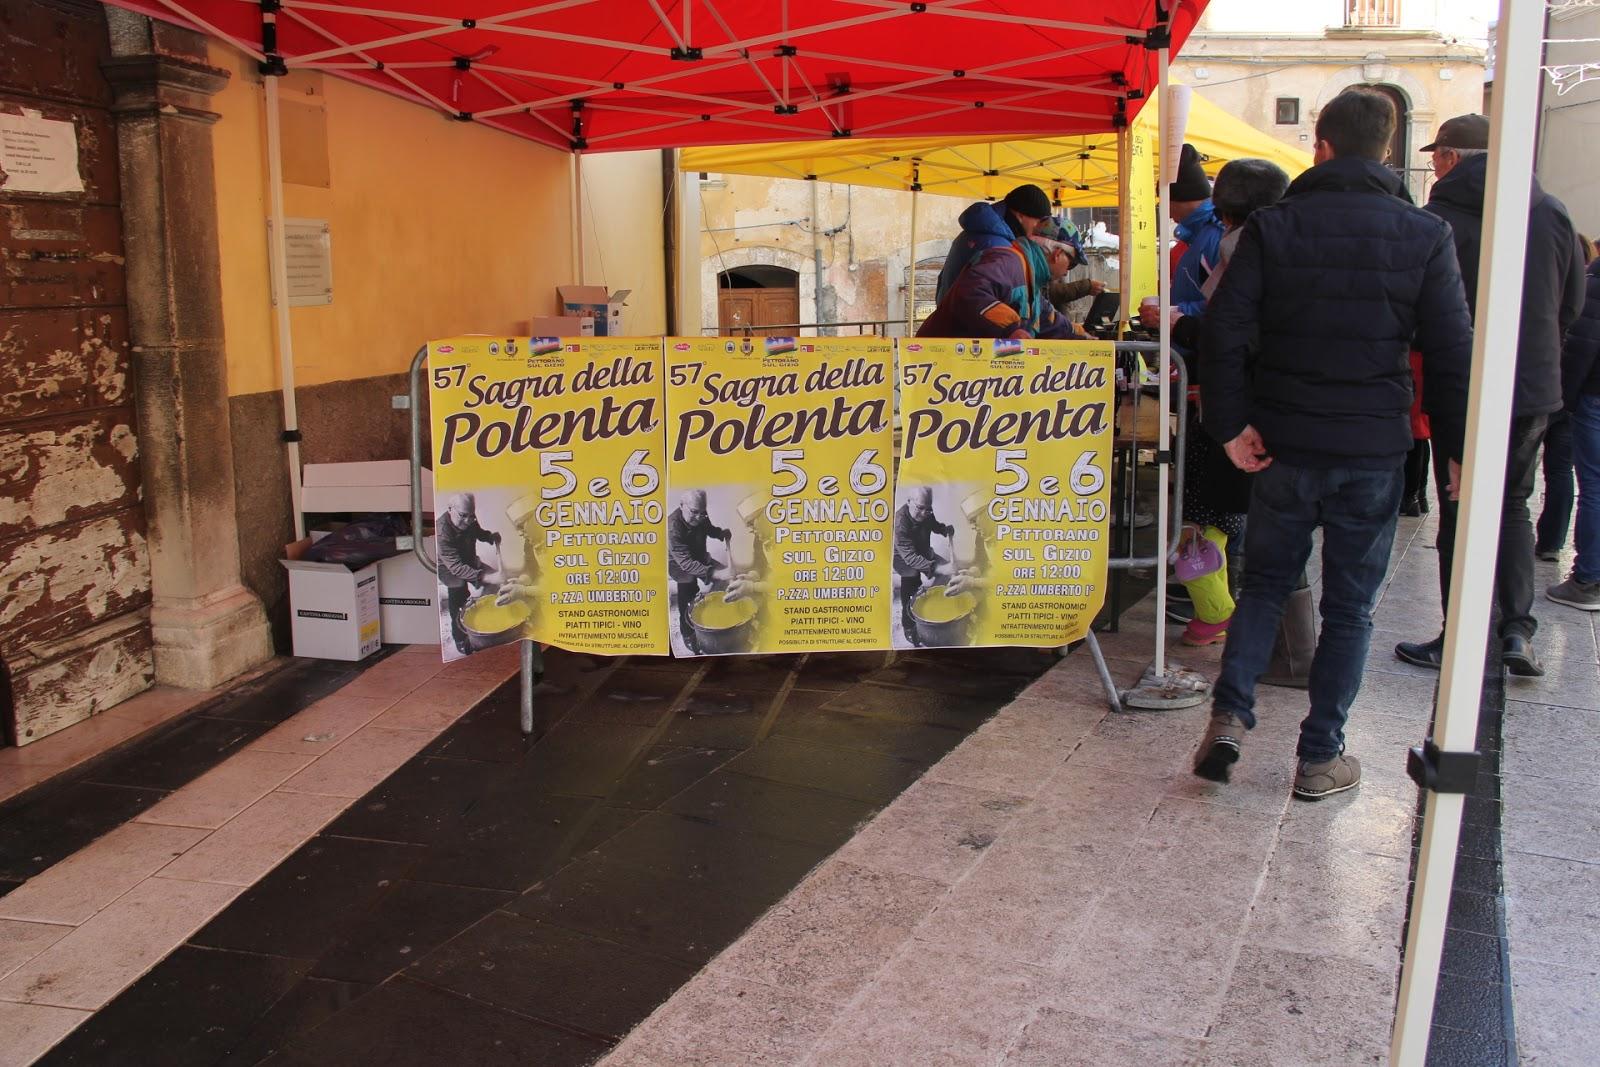 Transiberiana Dabruzzo Calendario 2020.Centroabruzzonews La Sagra Della Polenta Rognosa Compie 57 Anni